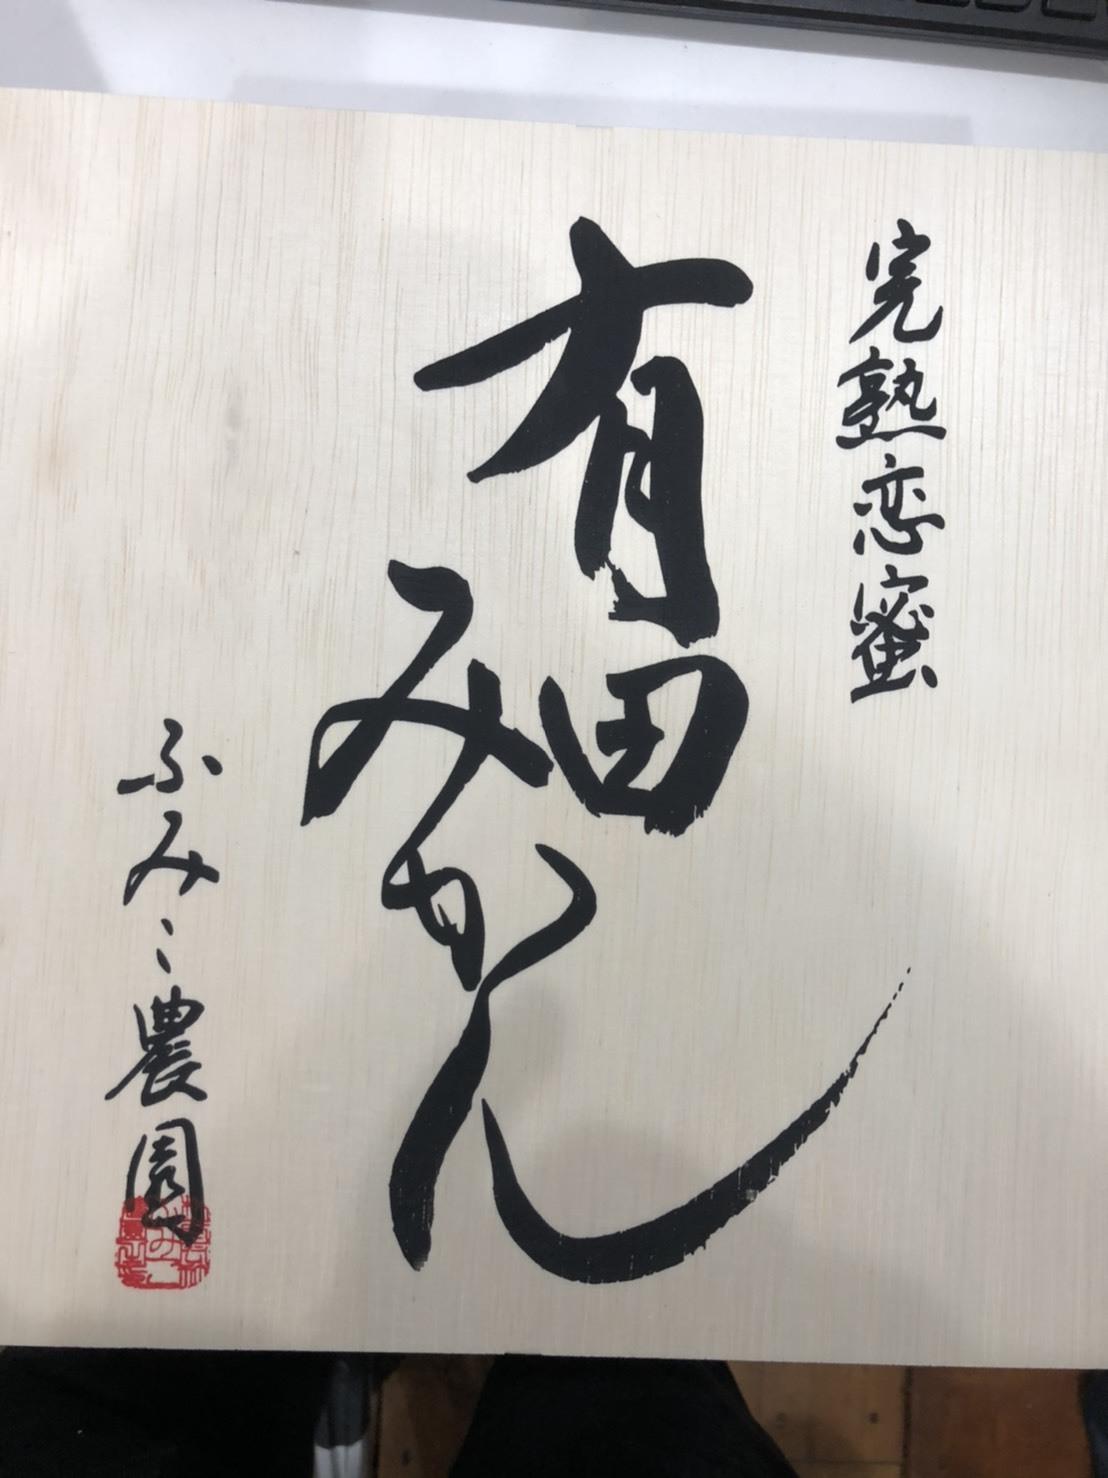 12月21日(土)トミーベースブログ☆K様LS460納車✨✨カスタムカー専門♬レクサス🎶スバル🎶限定車☆希少車多数☆フーガ🎶クラウン🎶レ_b0127002_19070975.jpg